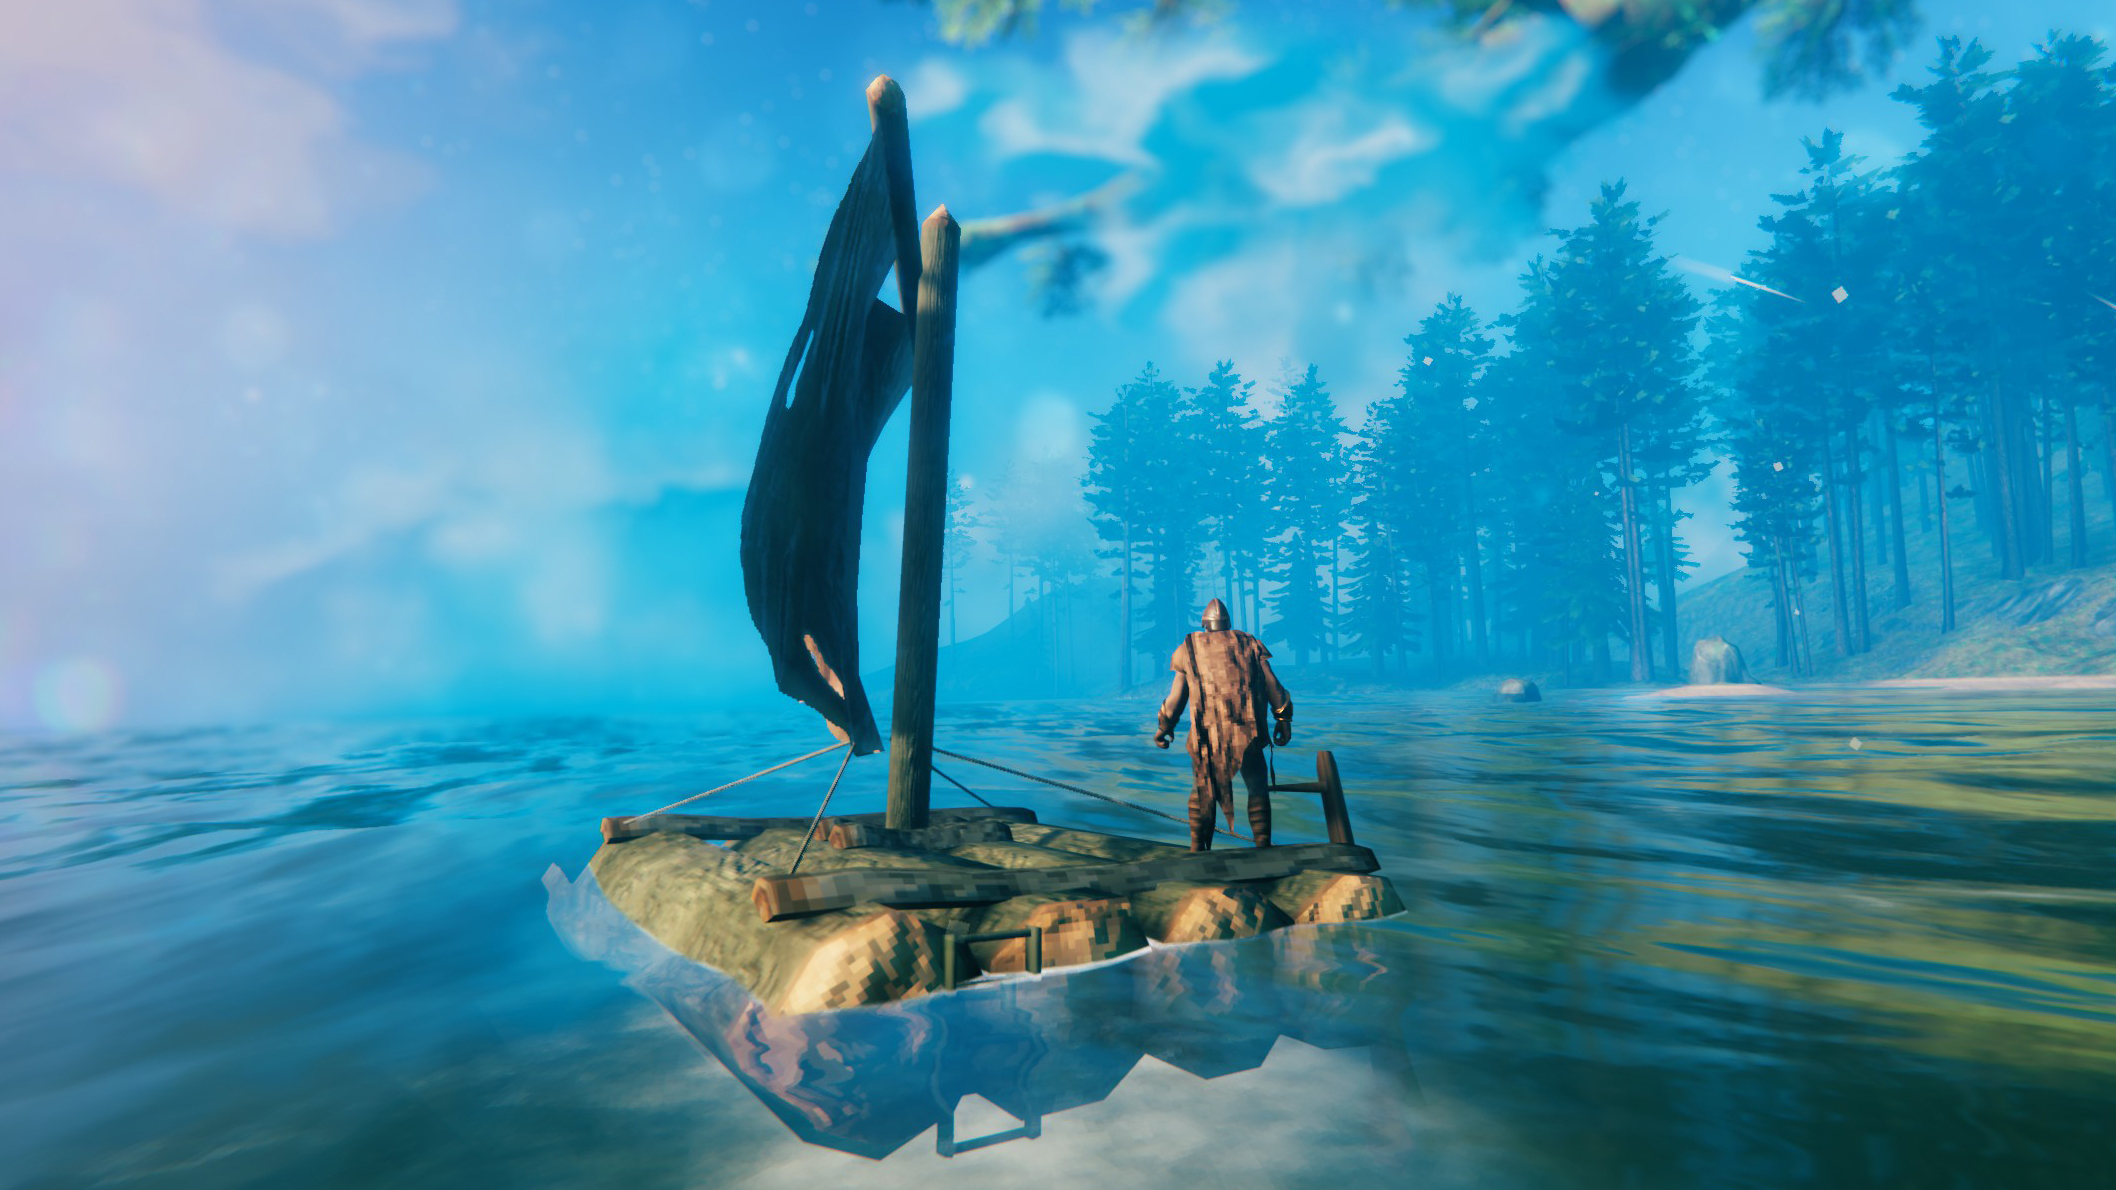 Птицы не воруют суда: разработчики объяснили, почему некоторые игроки видели в Valheim летающие лодки